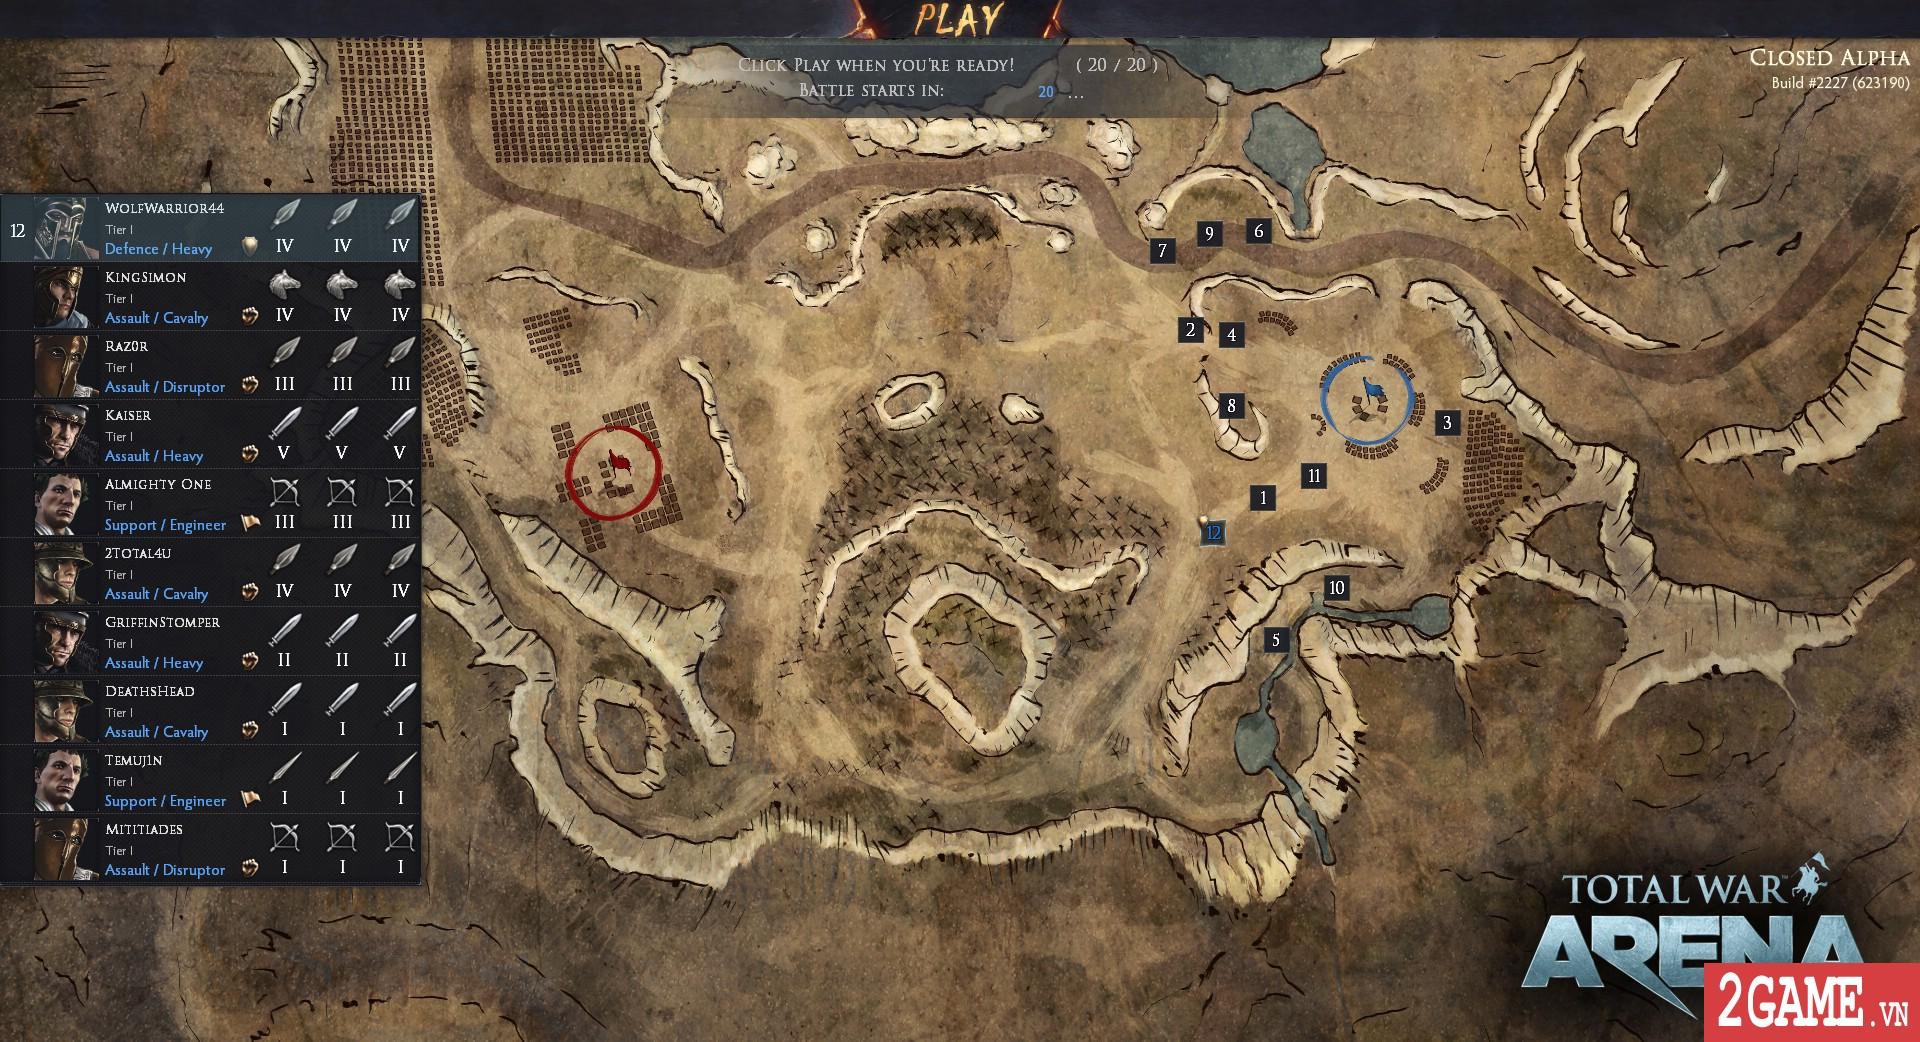 Total War: Arena - Game chiến thuật 3D quy mô bậc nhất trên PC bất ngờ cho chơi miễn phí hoàn toàn 3